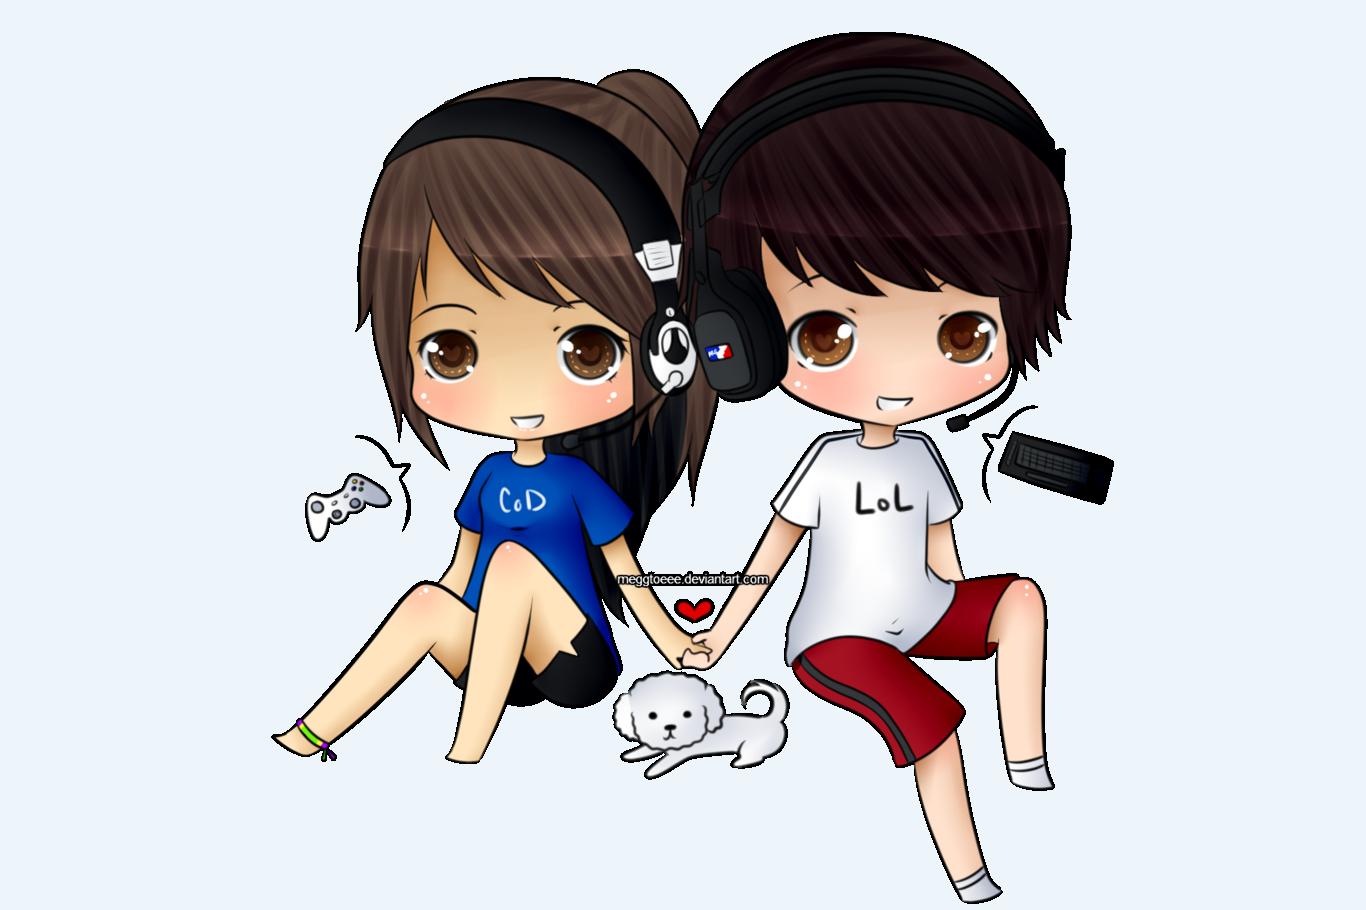 tai-hinh-anh-de-thuong-cute-lam-avatar-social-network (9)